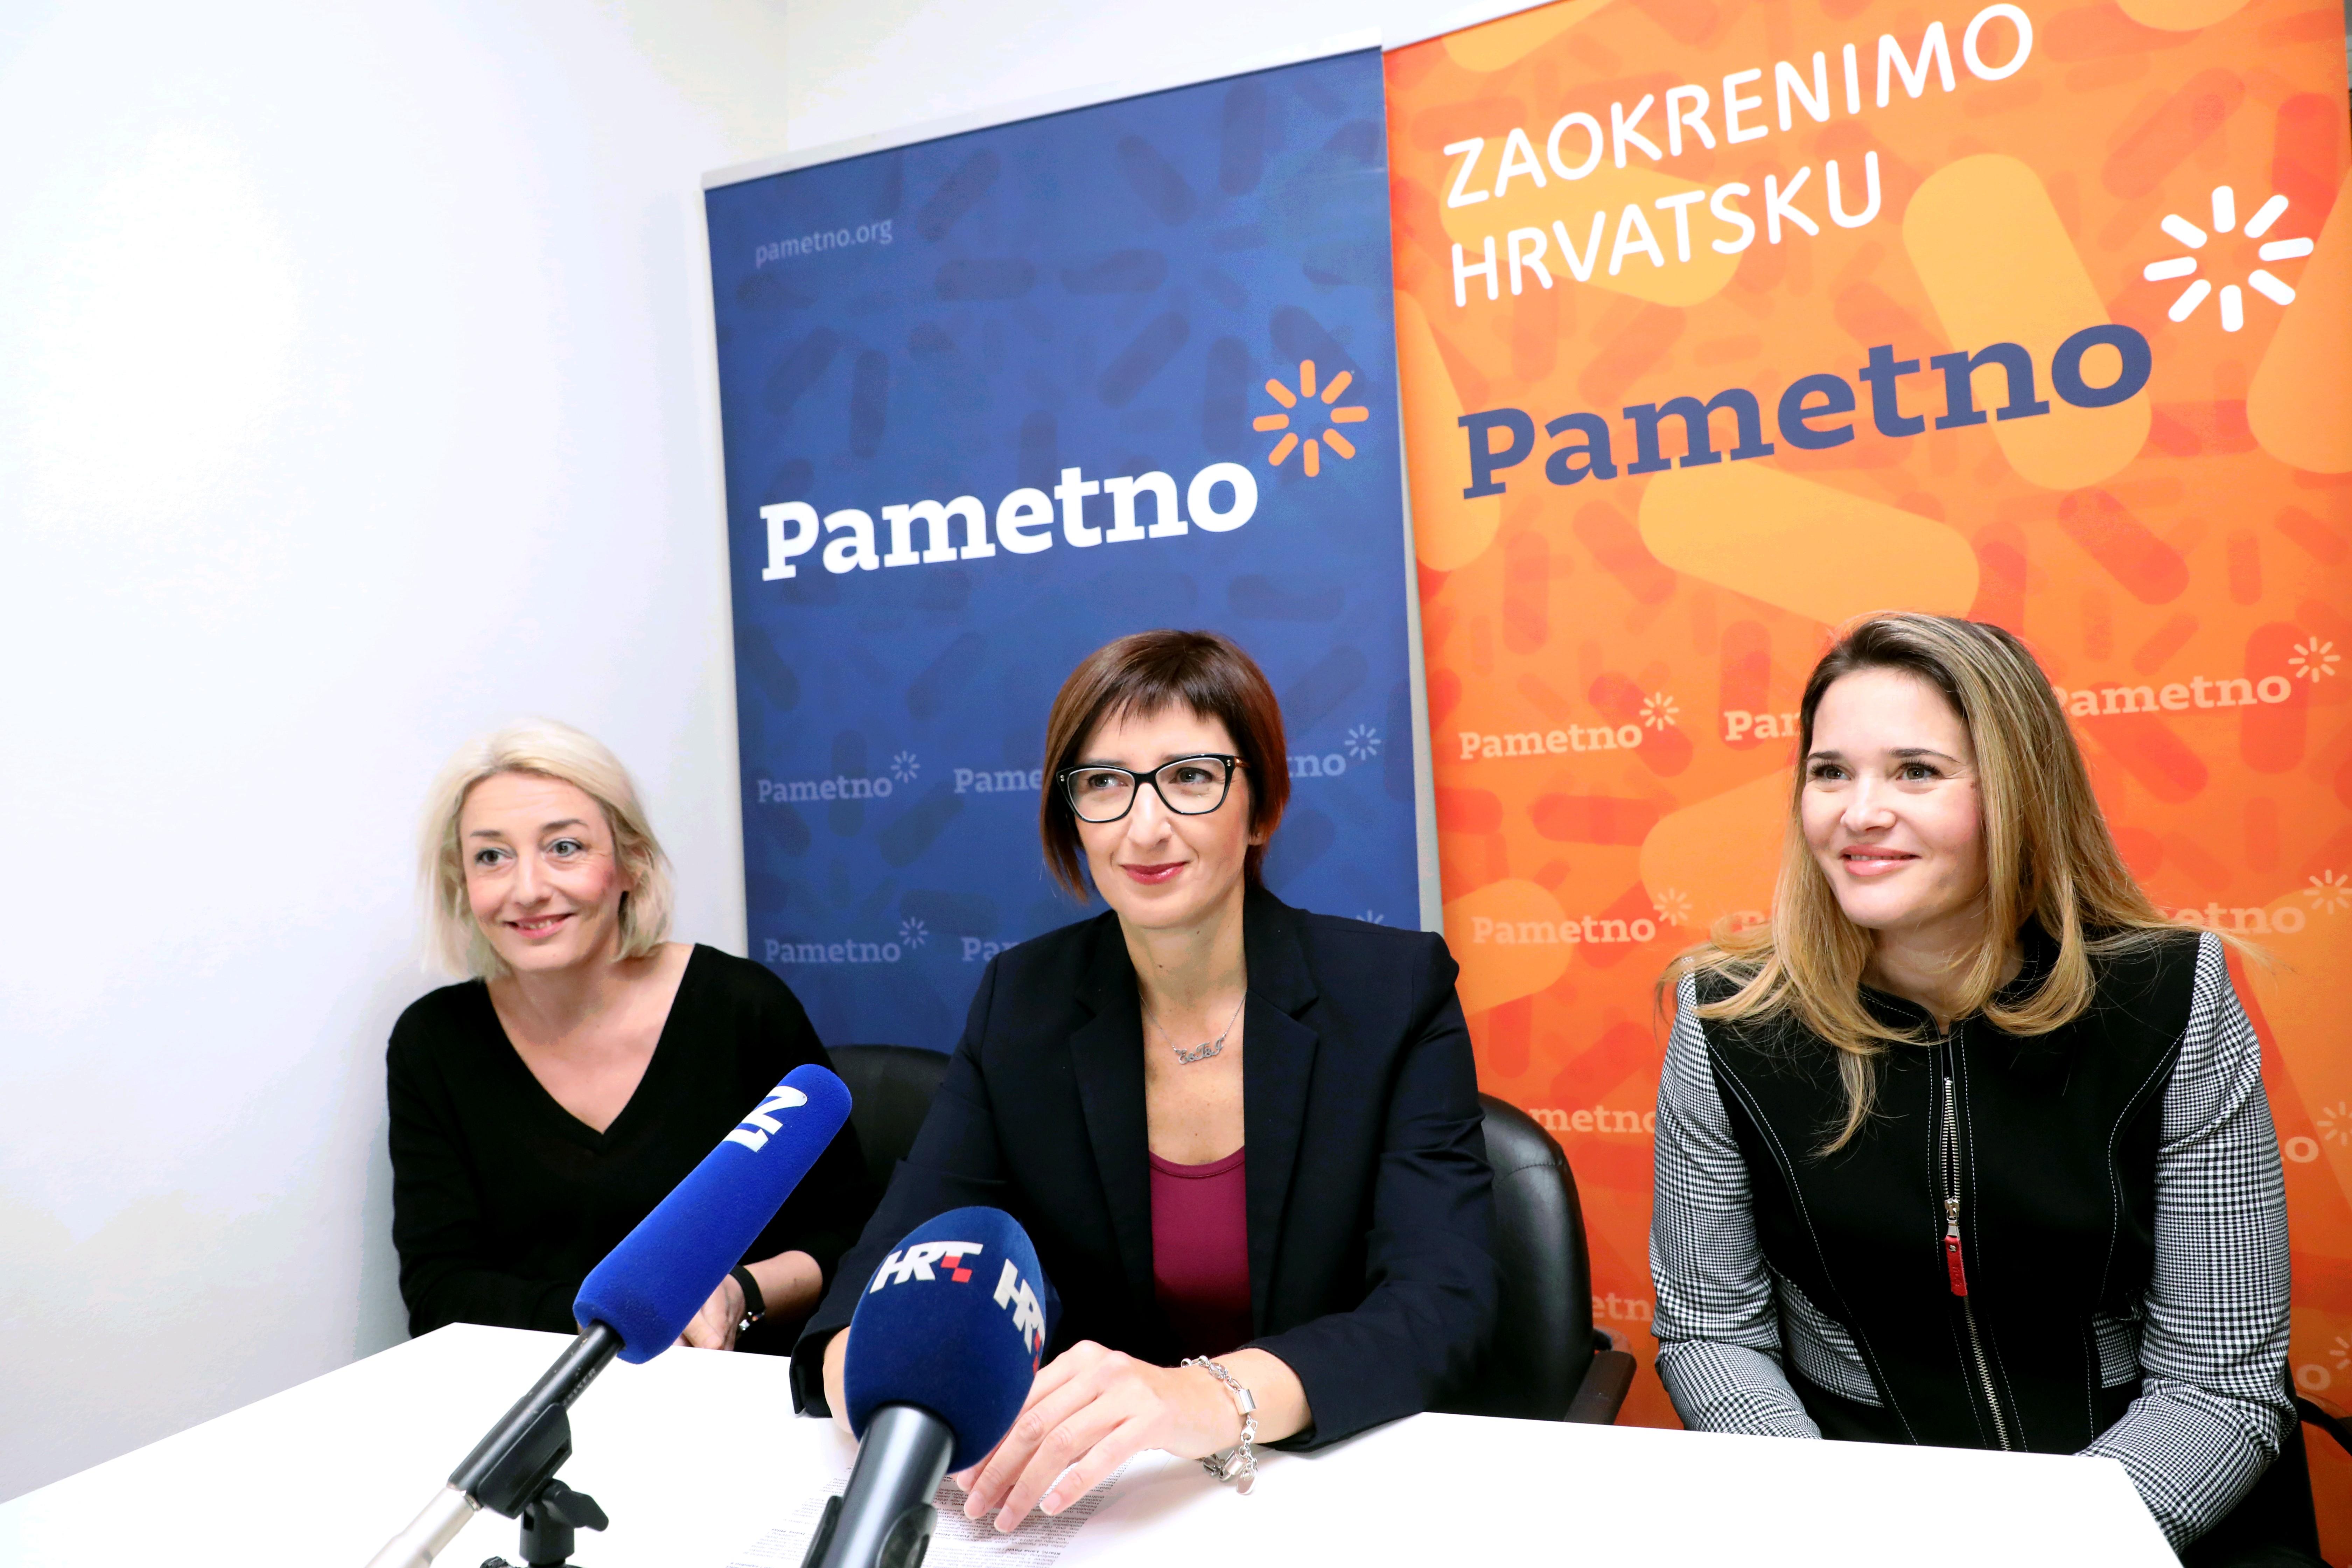 Ivana Milas Klarić i Lana Pavić nove članice stranke Pametno